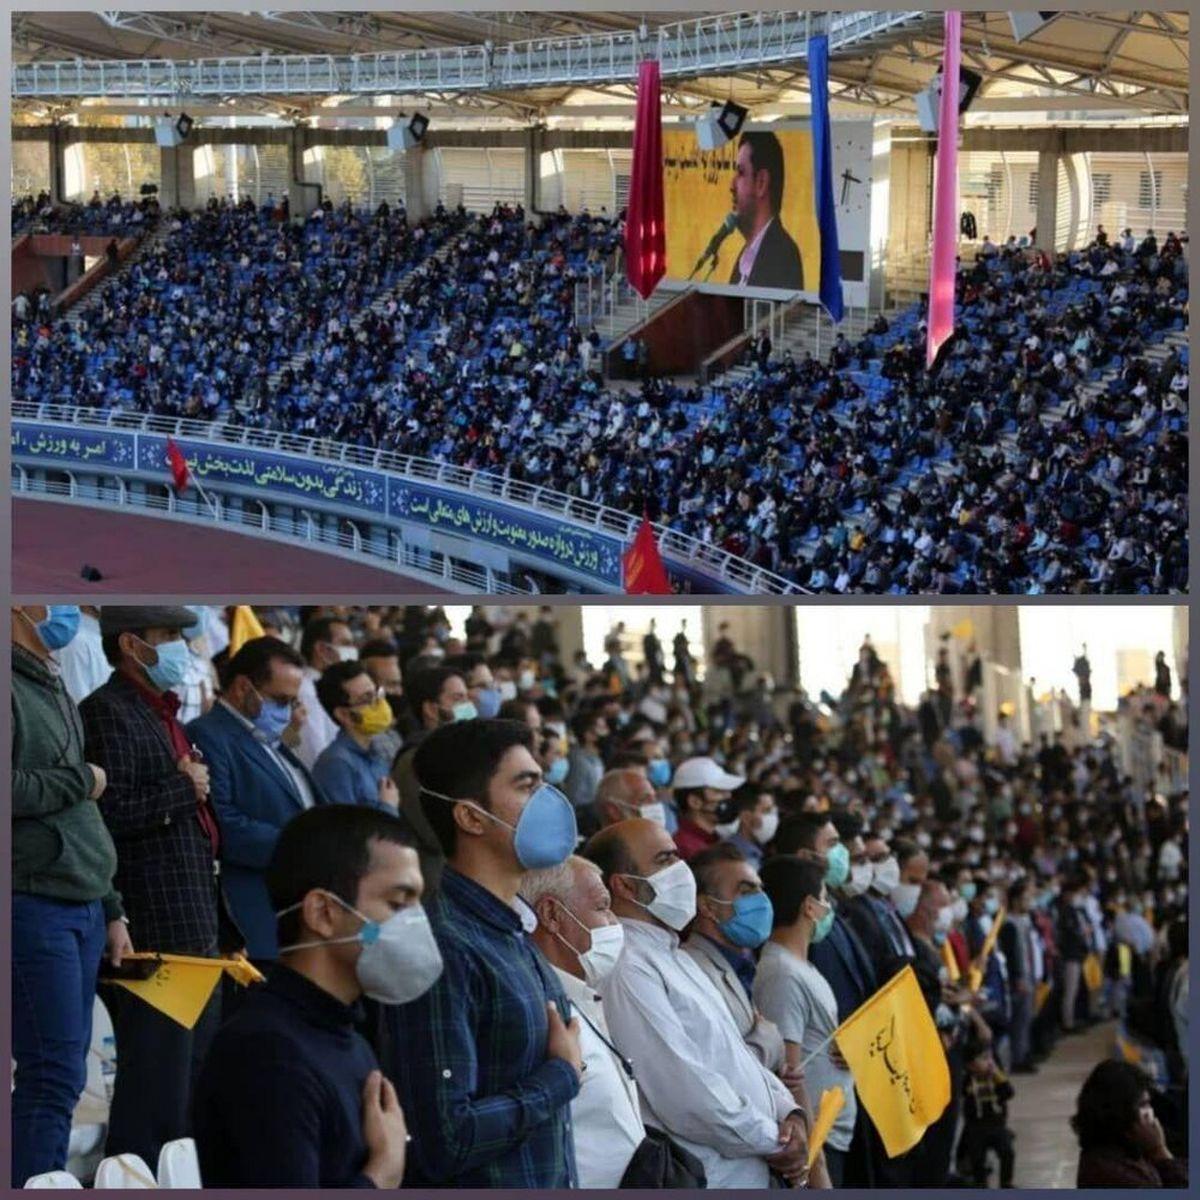 انتقاد تند مهاجری از برگزاری همایش در مشهد؛ آقای علمالهدی کجا تشریف دارند؟ + عکس